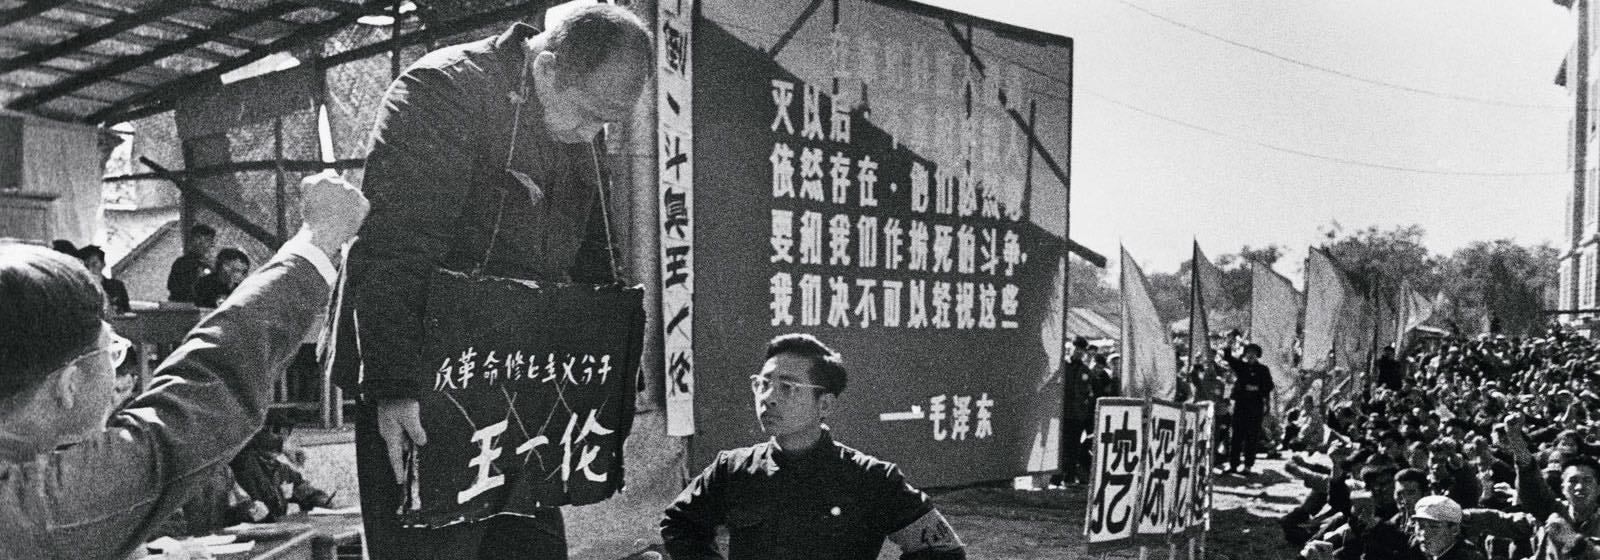 великая китайская культурная революция это